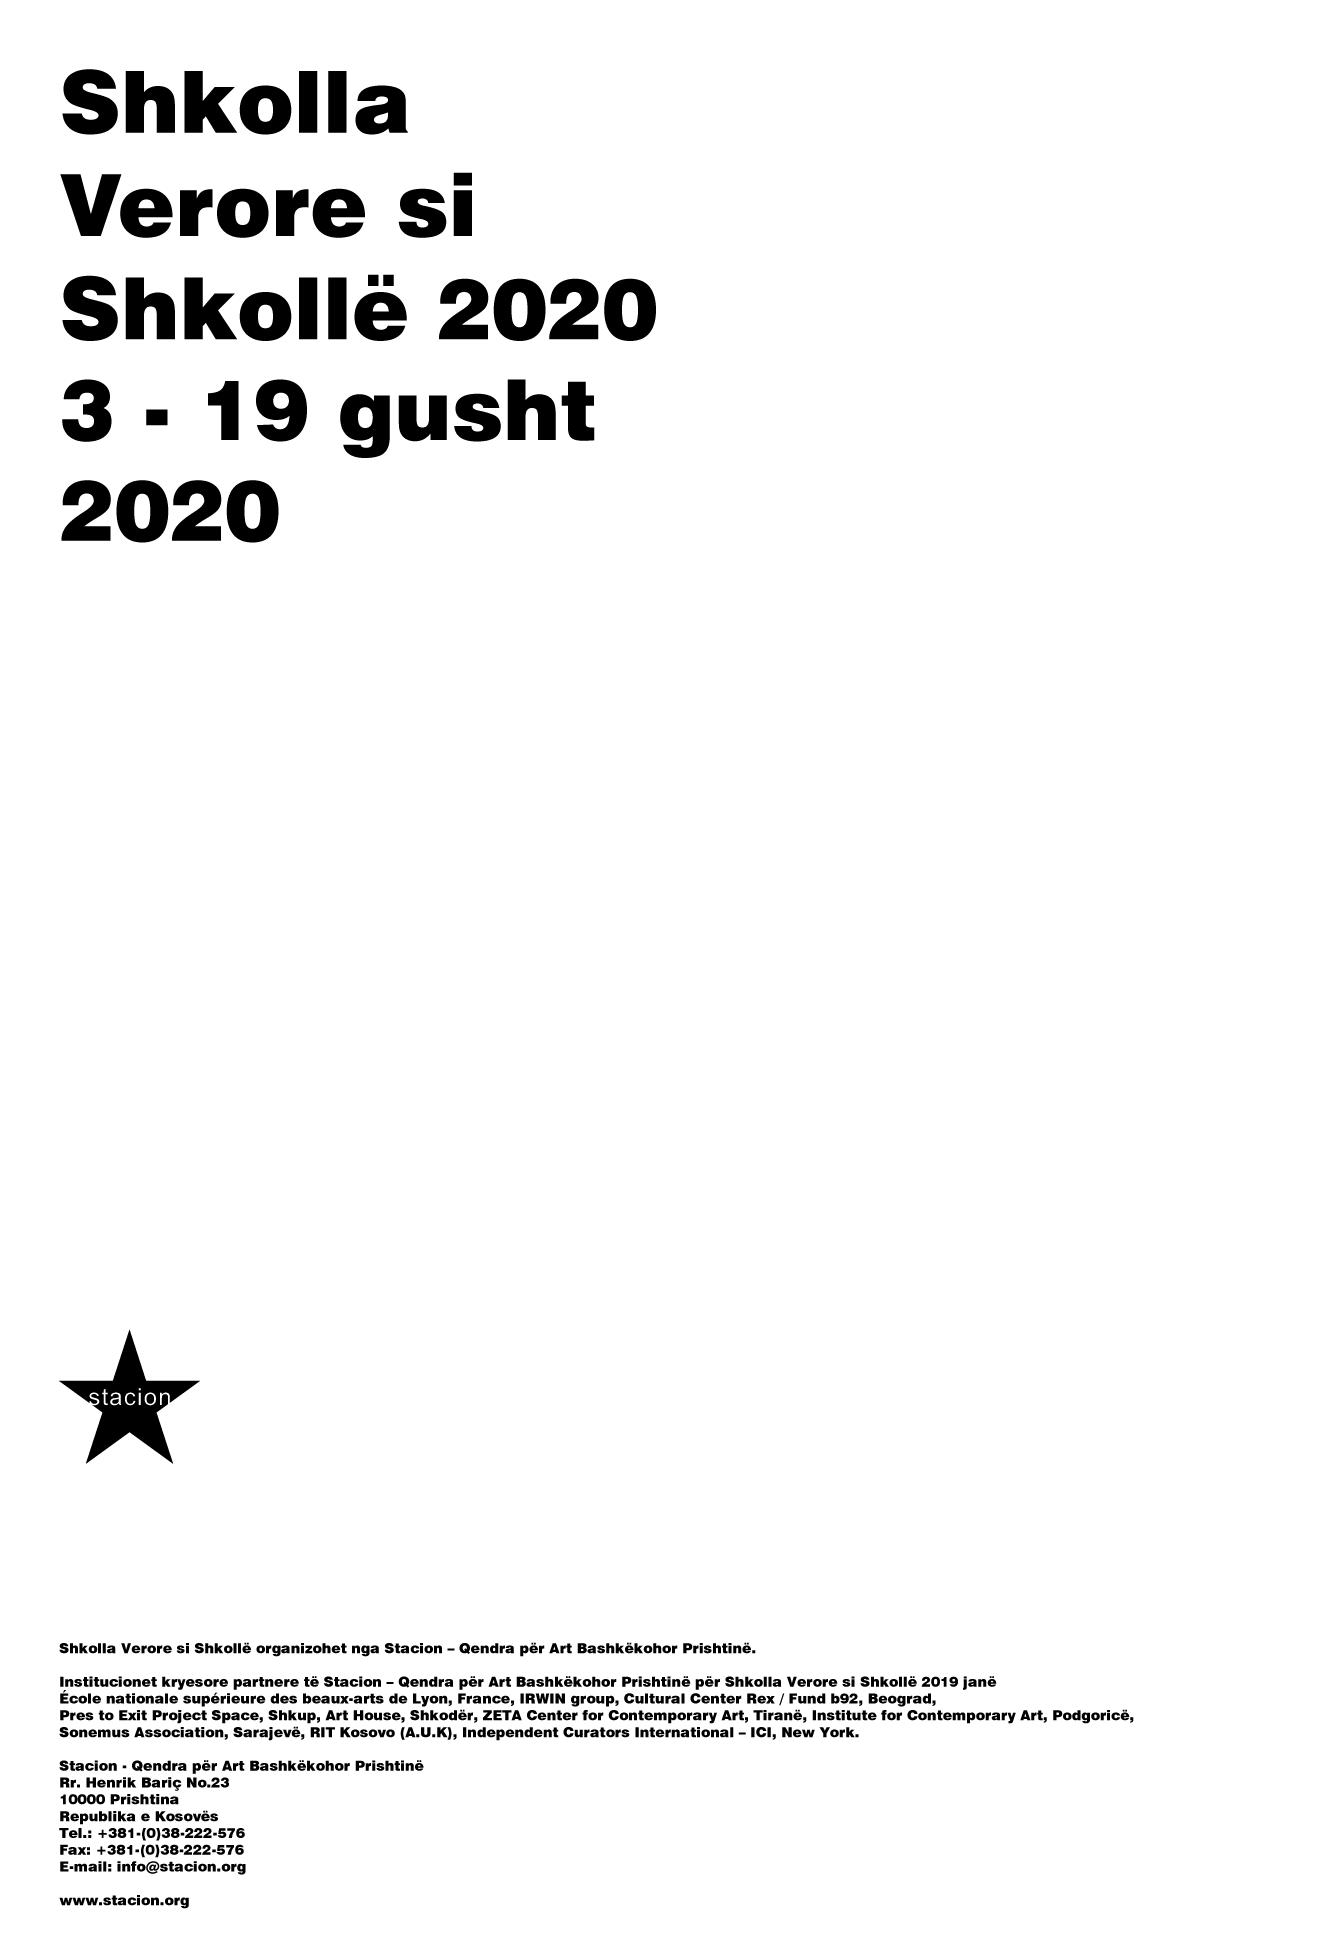 Shkolla Verore si Shkollë 2020